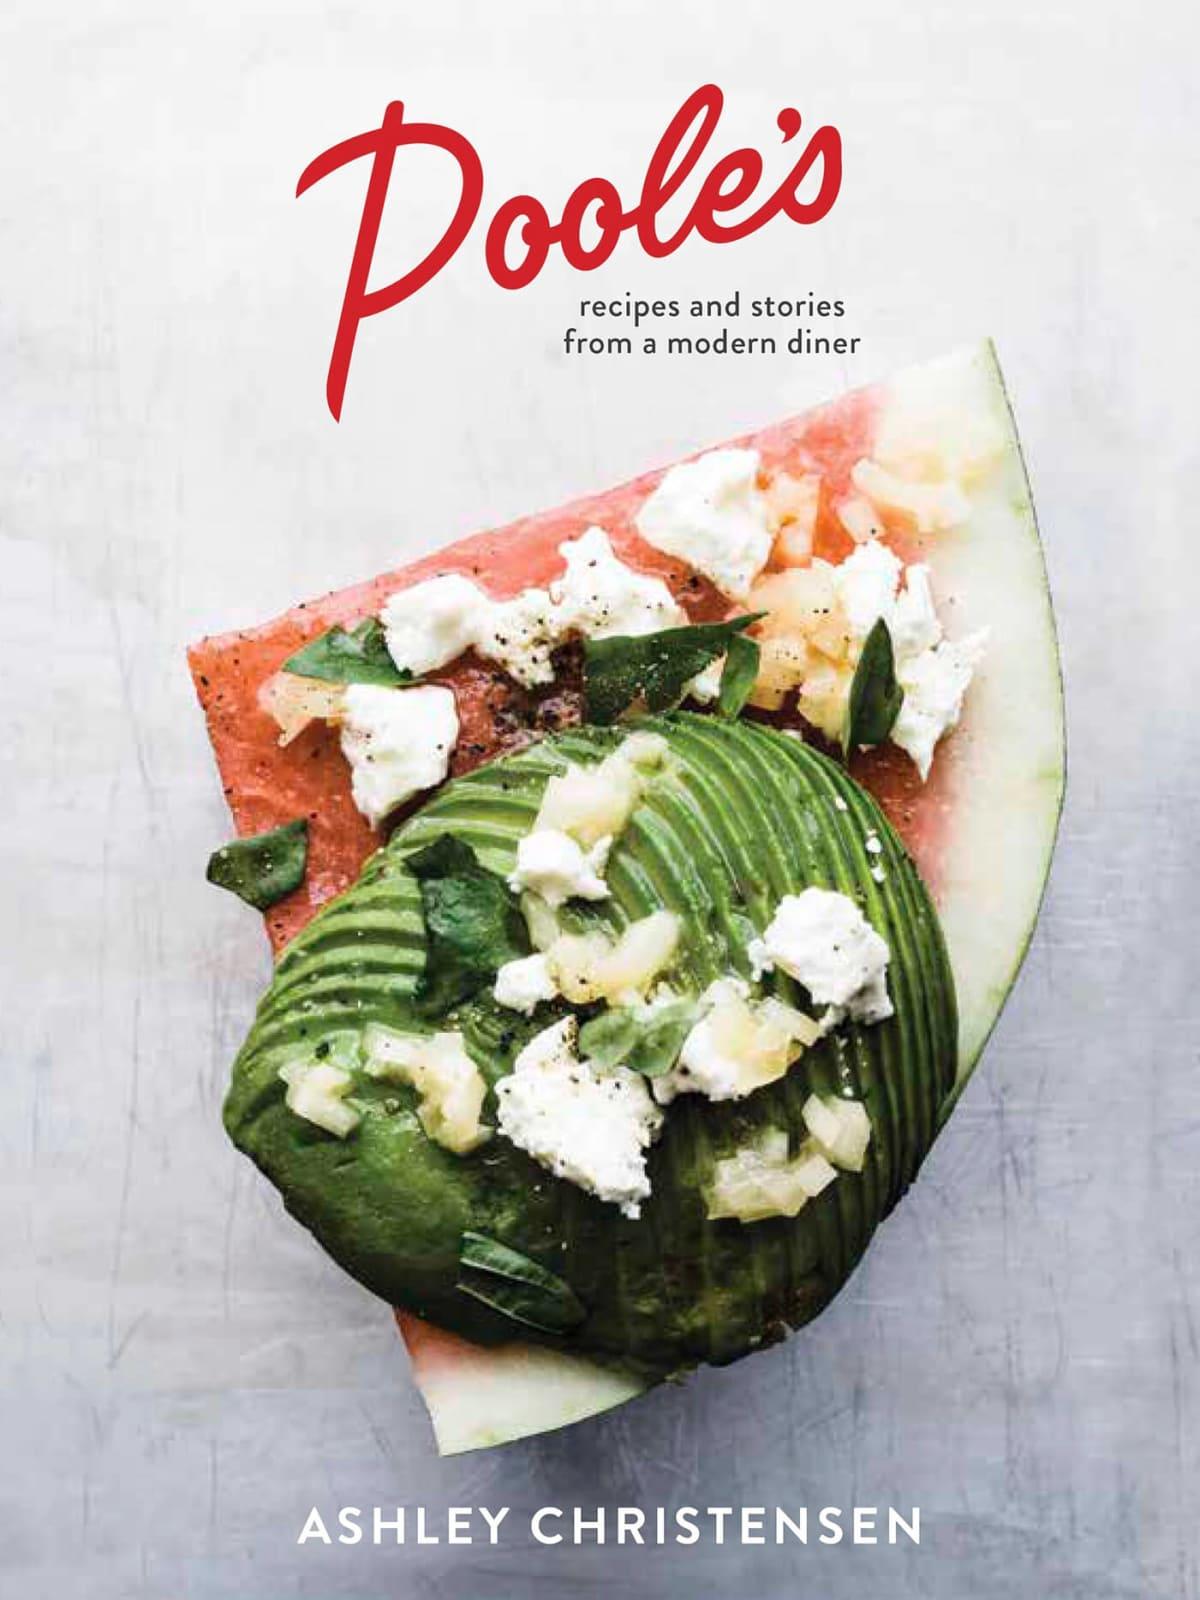 Ashley Christensen Poole's Diner cookbook